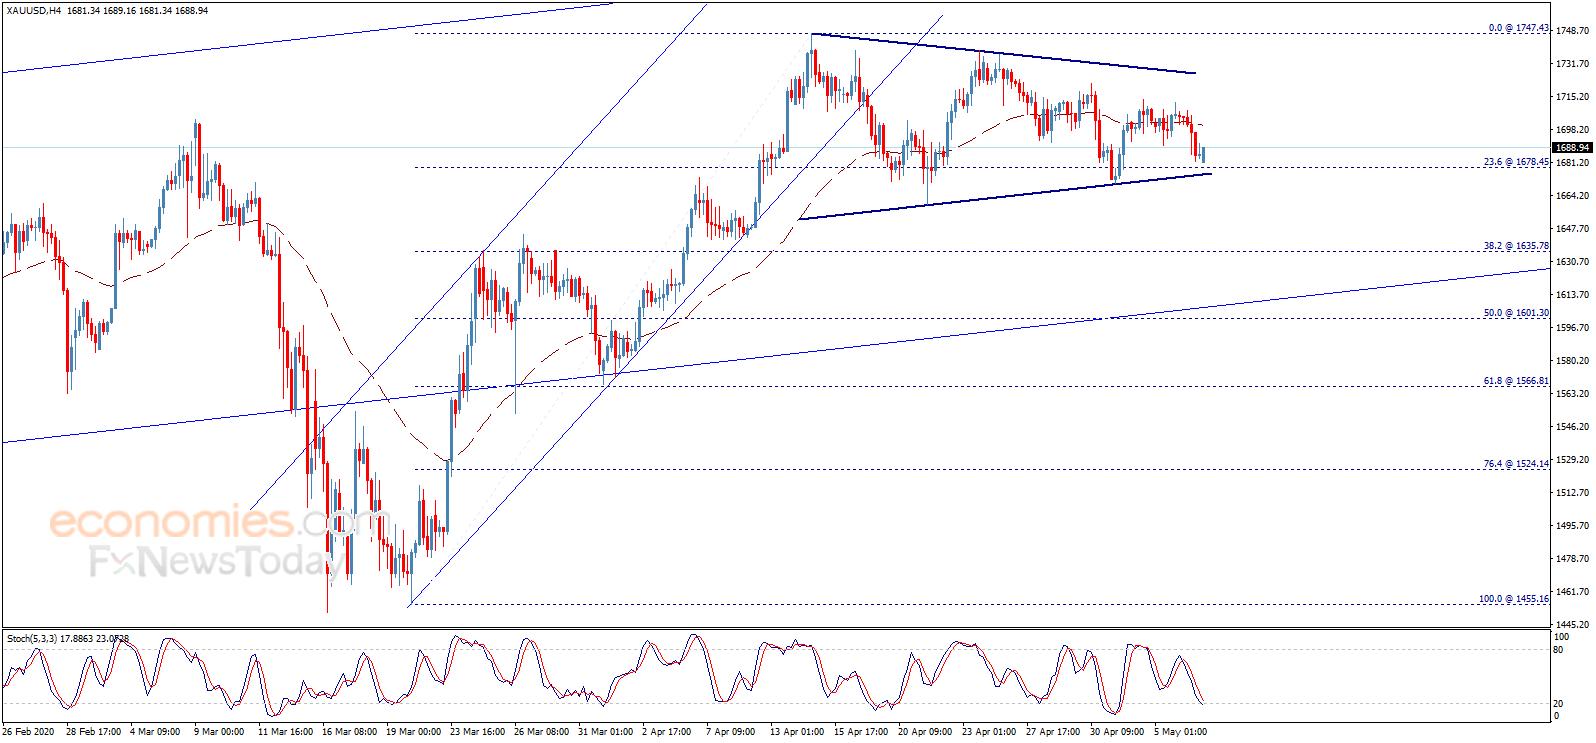 警惕市场剧烈波动 黄金、欧元、英镑和日元交易分析,usg外汇